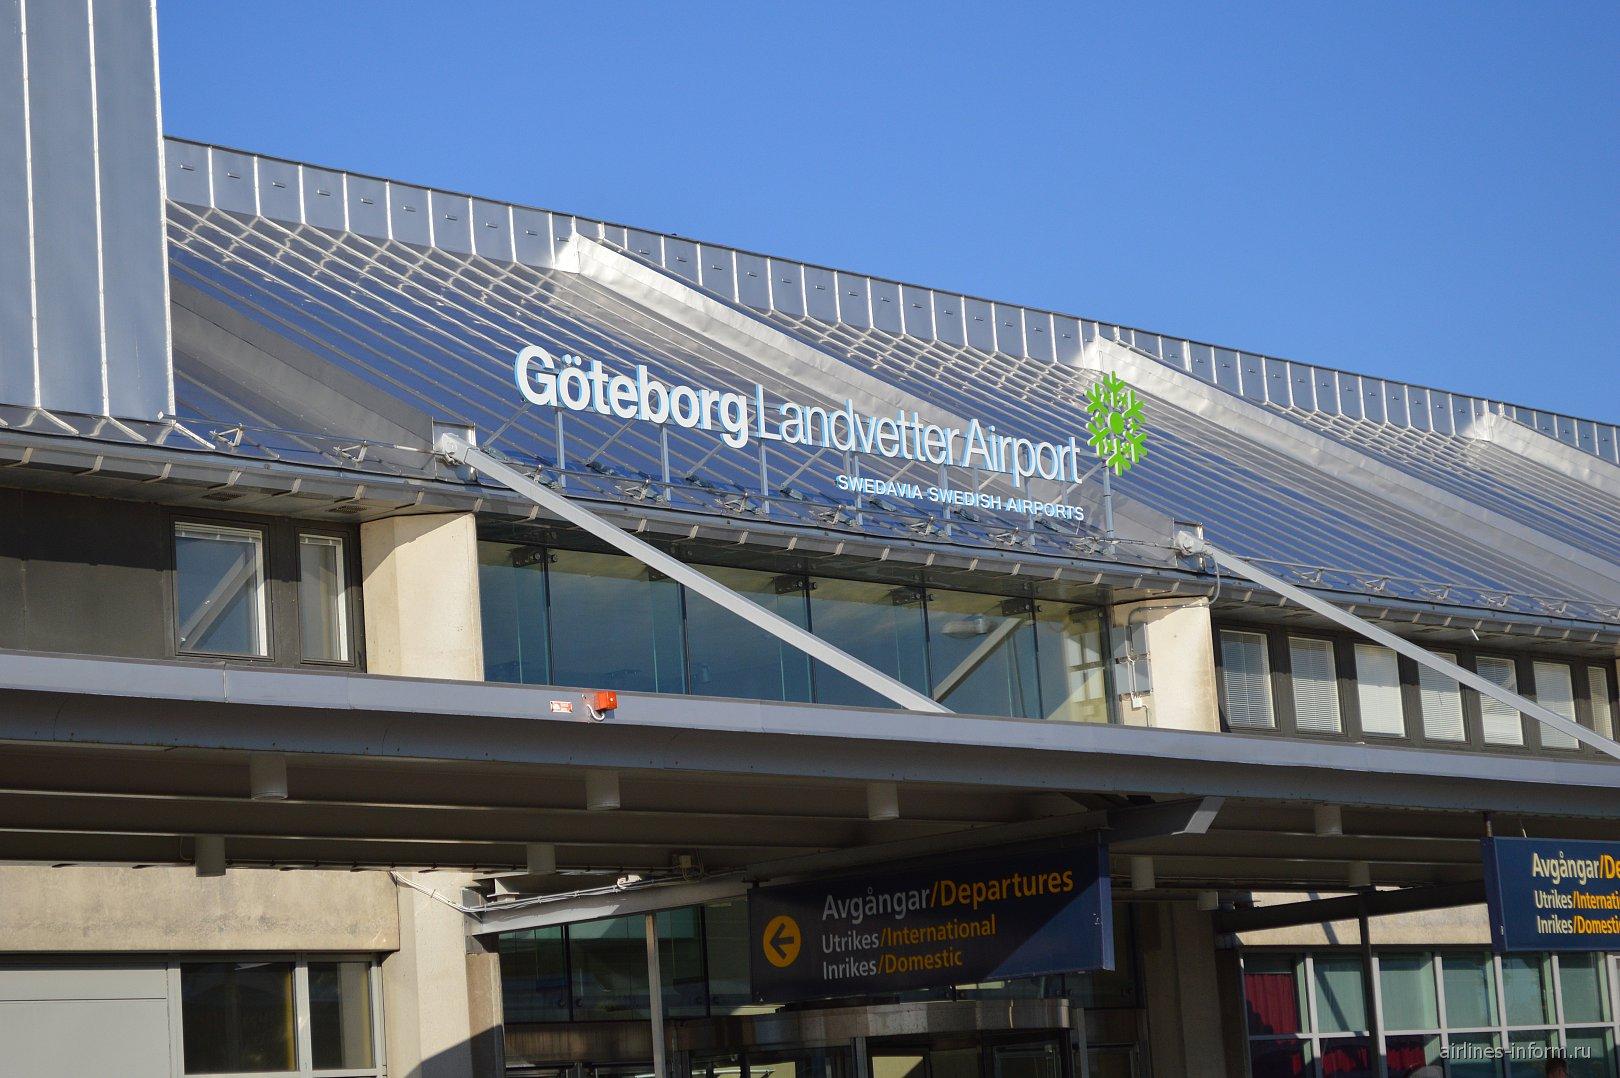 Аэропорт Гётеборг Ландветтер